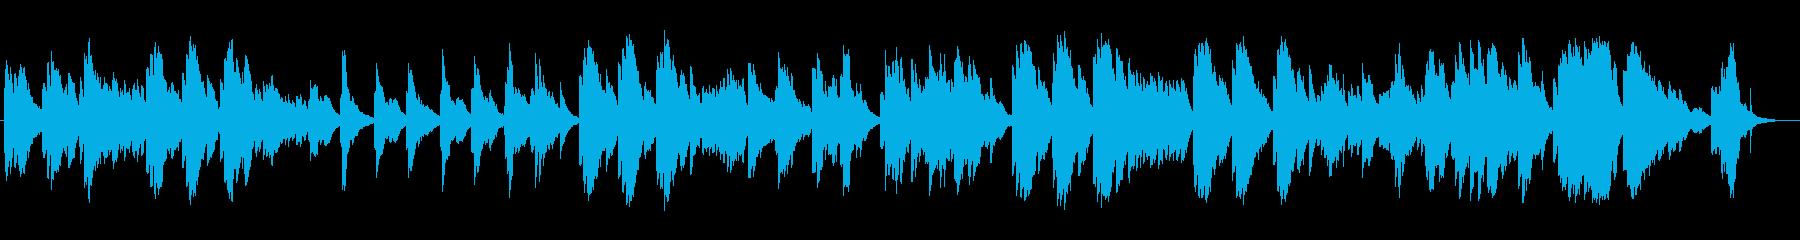 子守歌のようなイージーリスニングの再生済みの波形